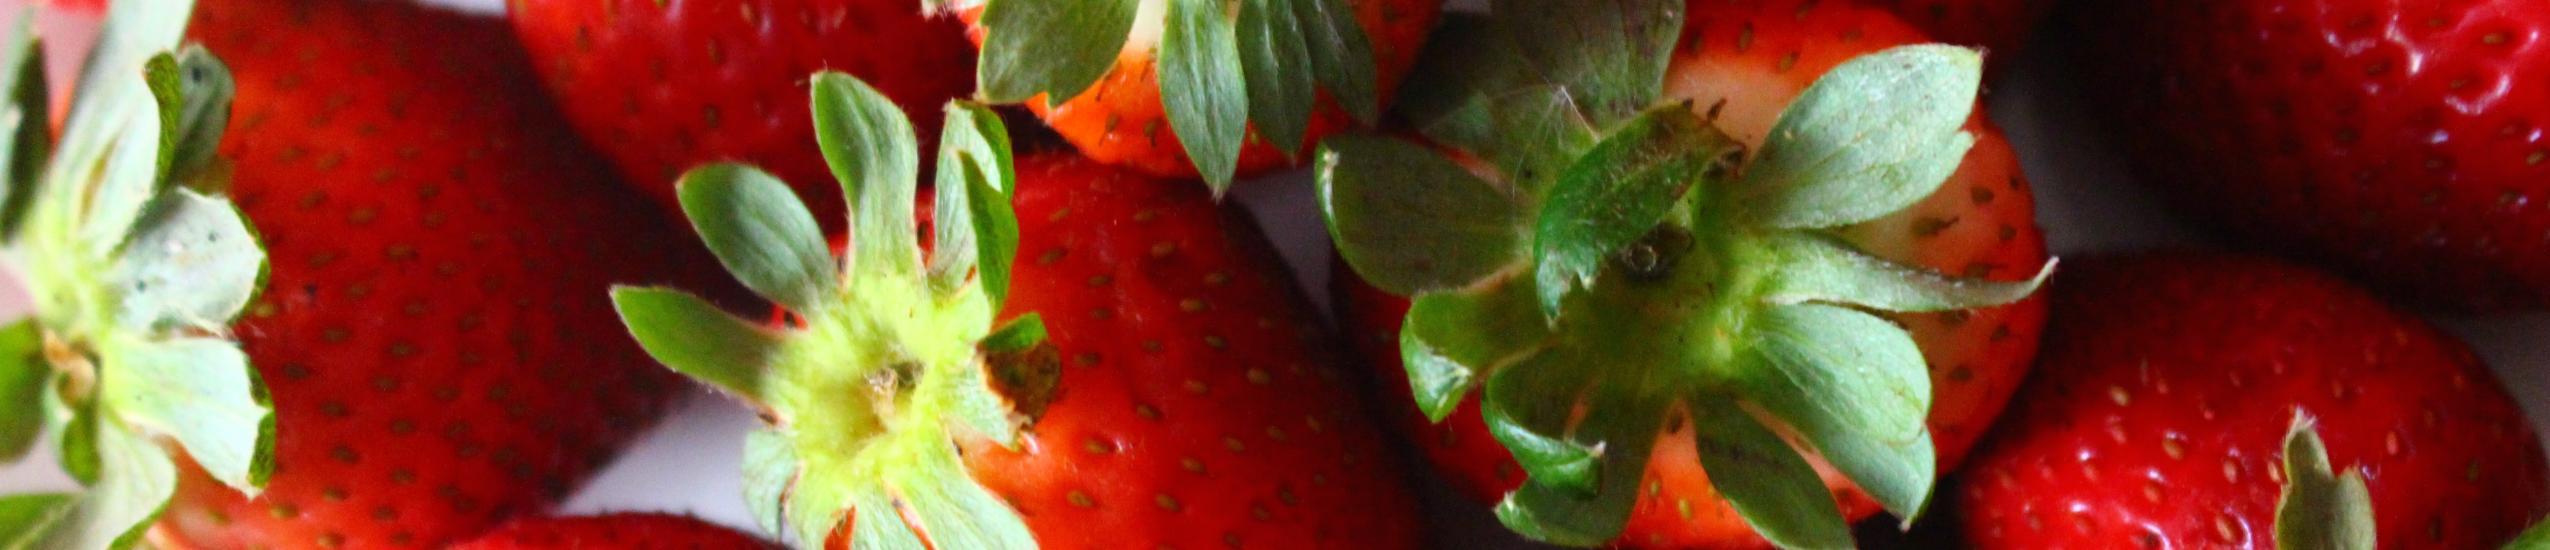 Ambito di interesse agricolo, alimentare